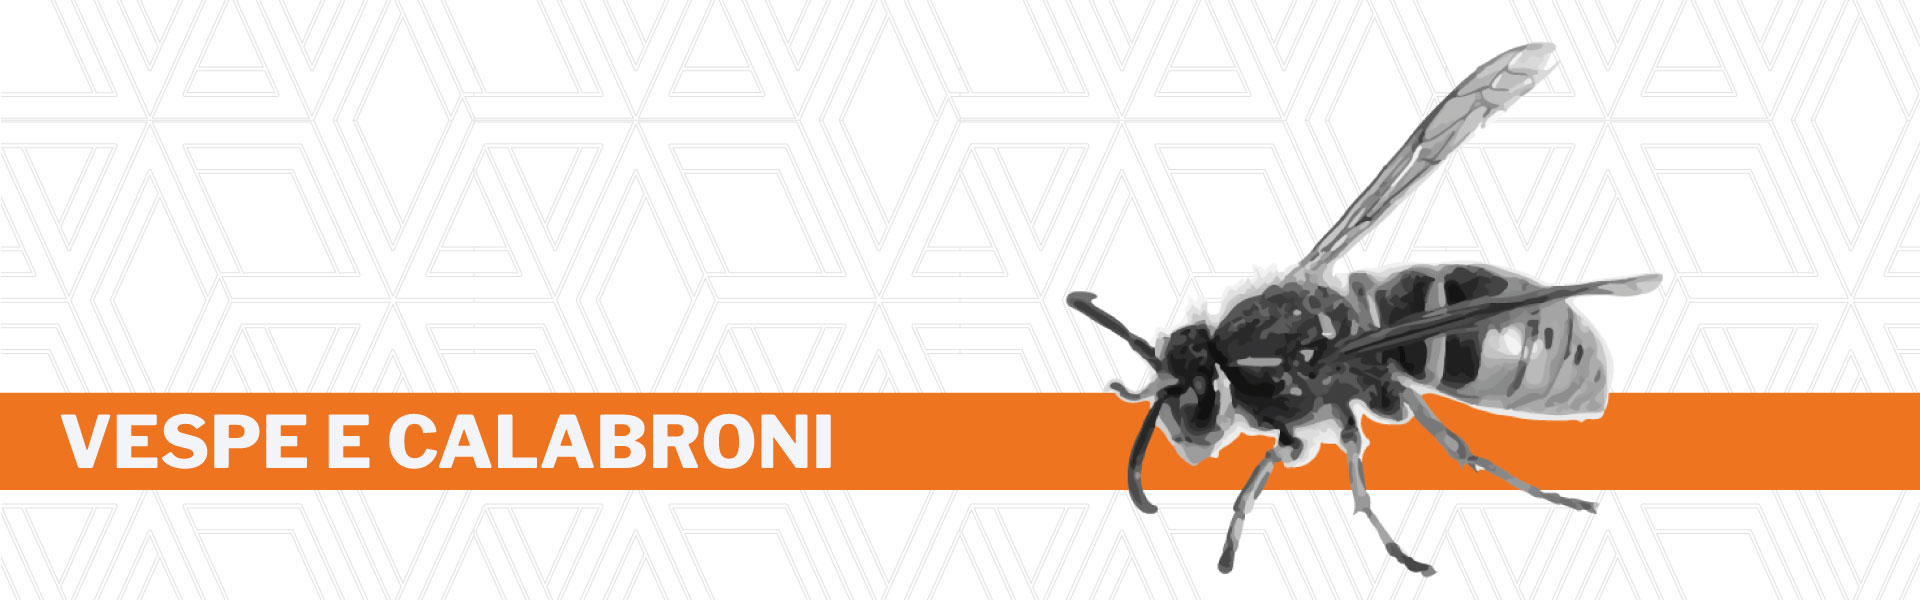 Disinfestazione vespe e calabroni Urania srl